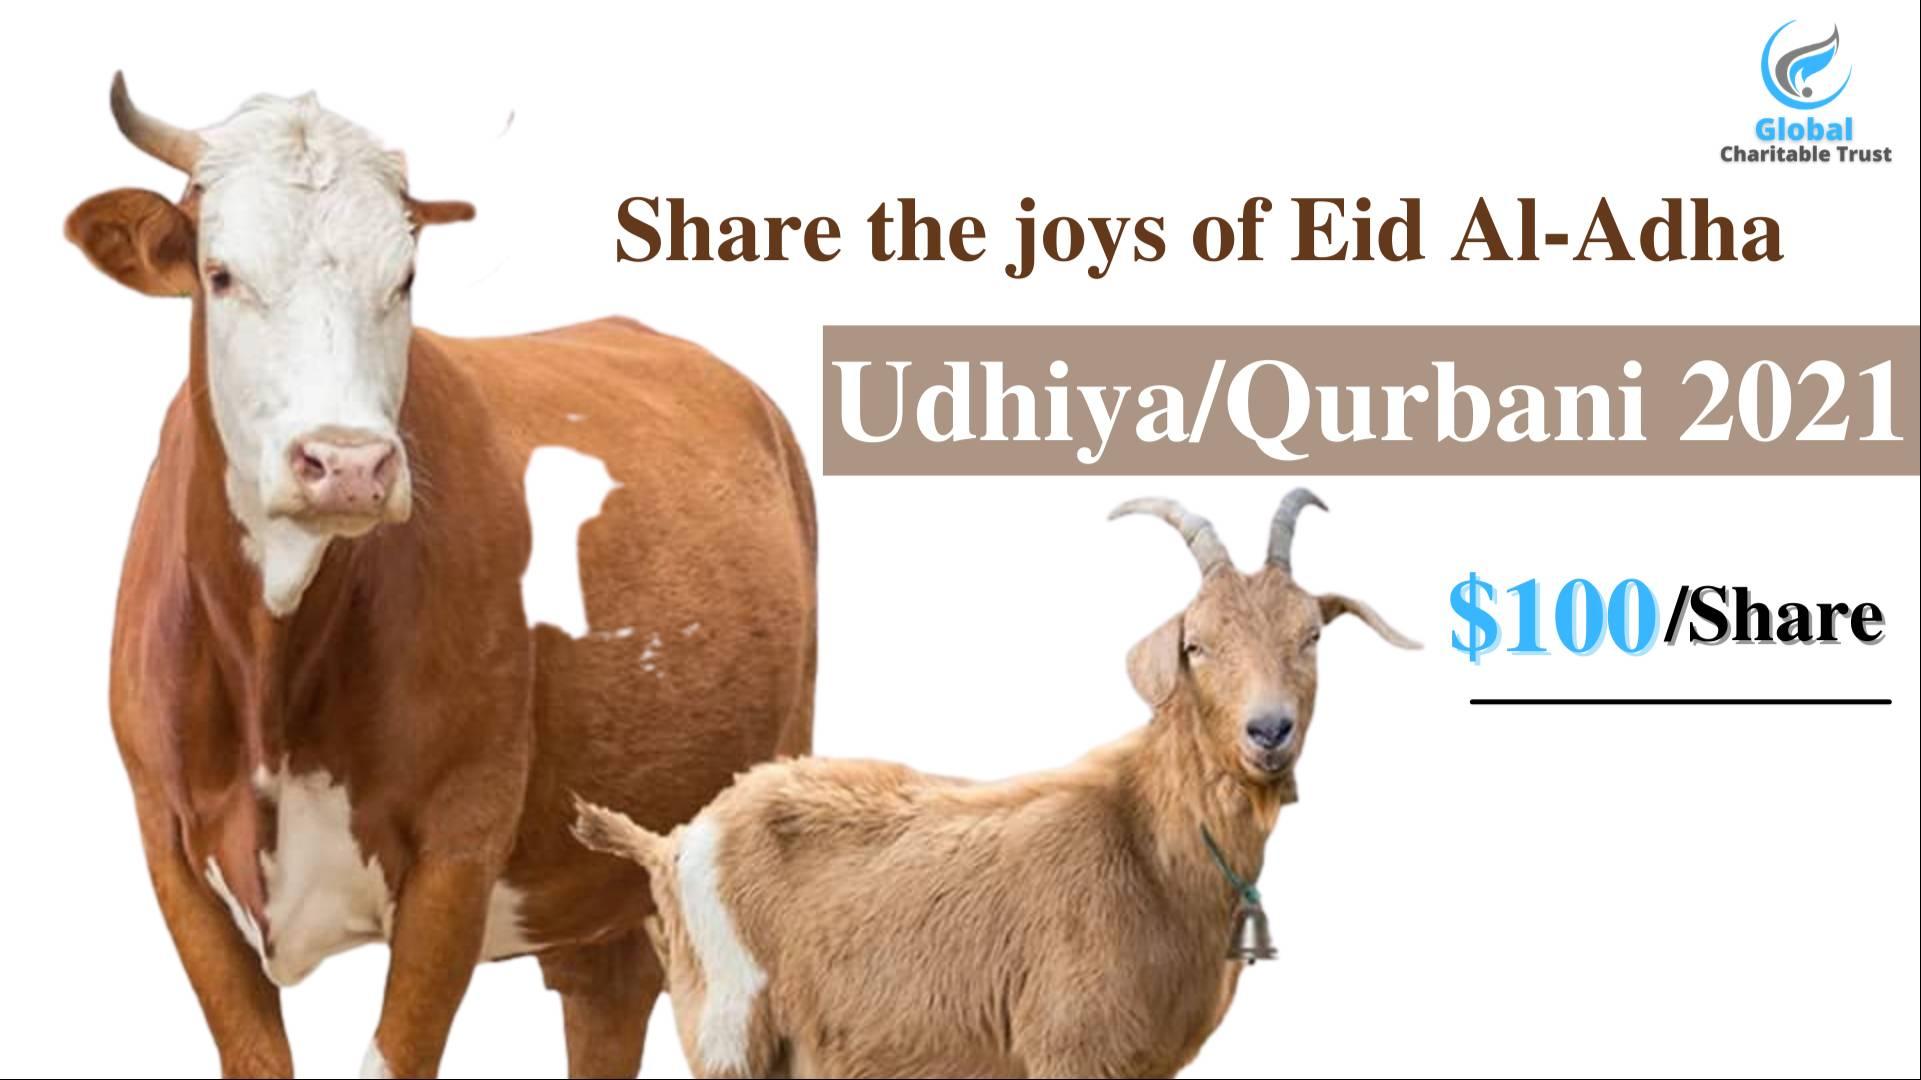 Udhiya - Qurbani 2021 for Orphans, Widows and Most Needy